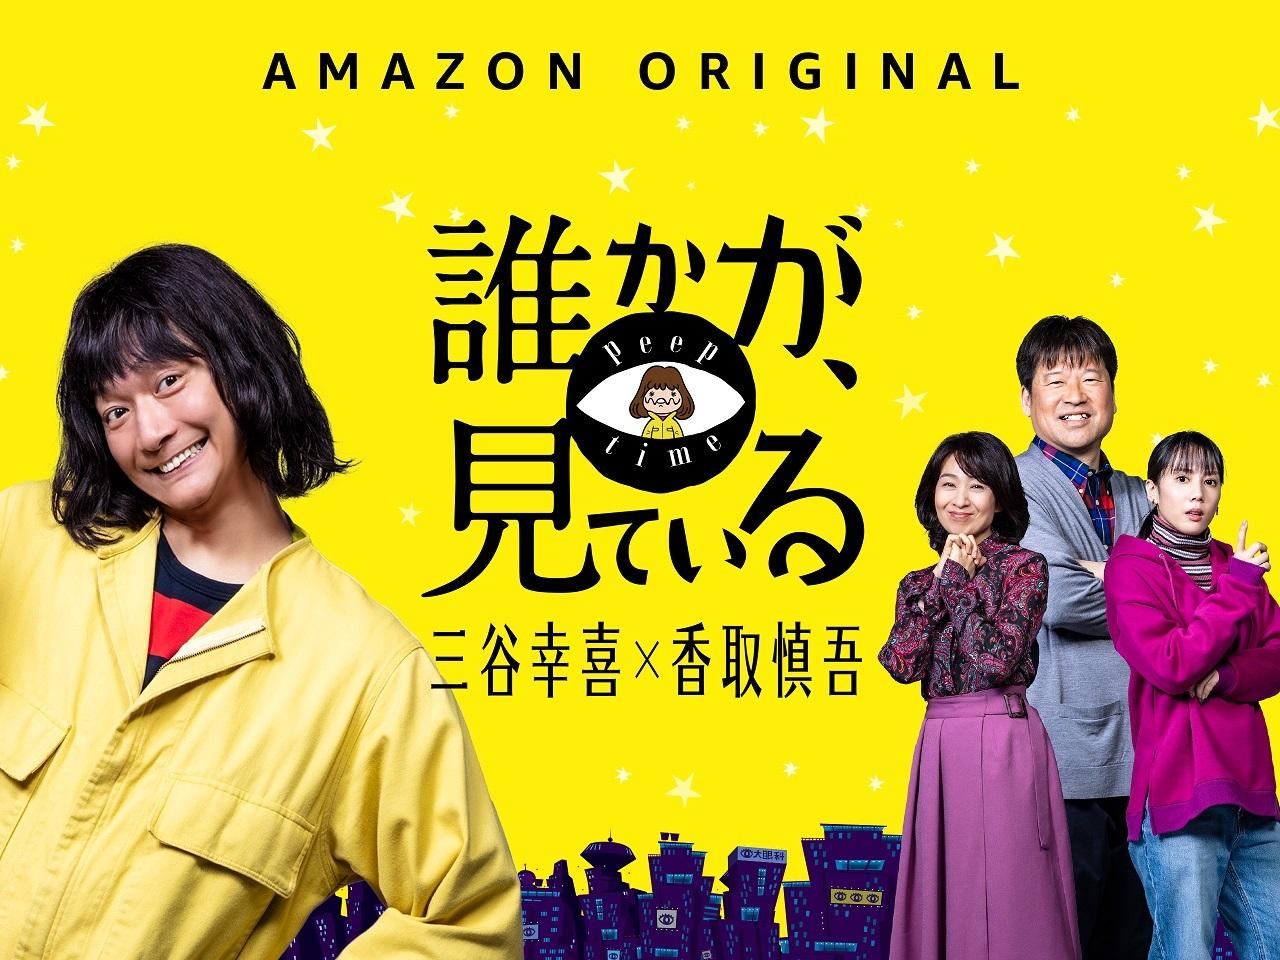 『誰かが、見ている』メインビジュアル (C)2020 Amazon Content Services LLC